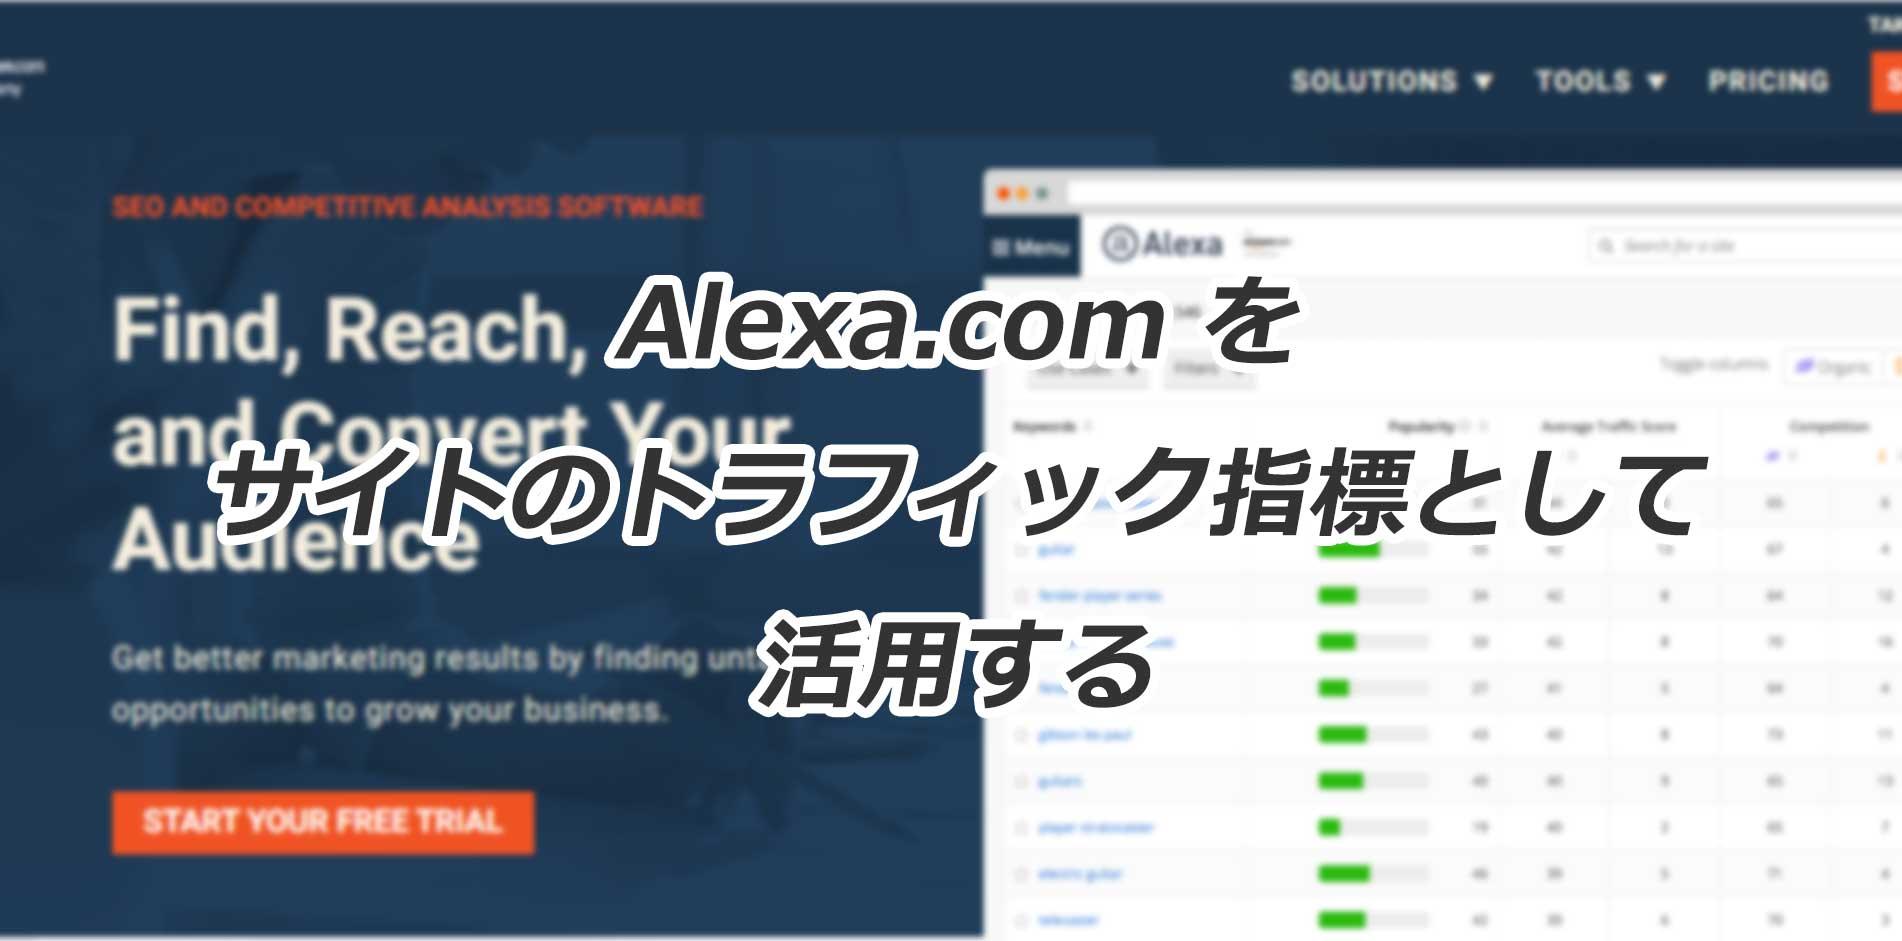 トラフィック指標をAlexa.comで確認する